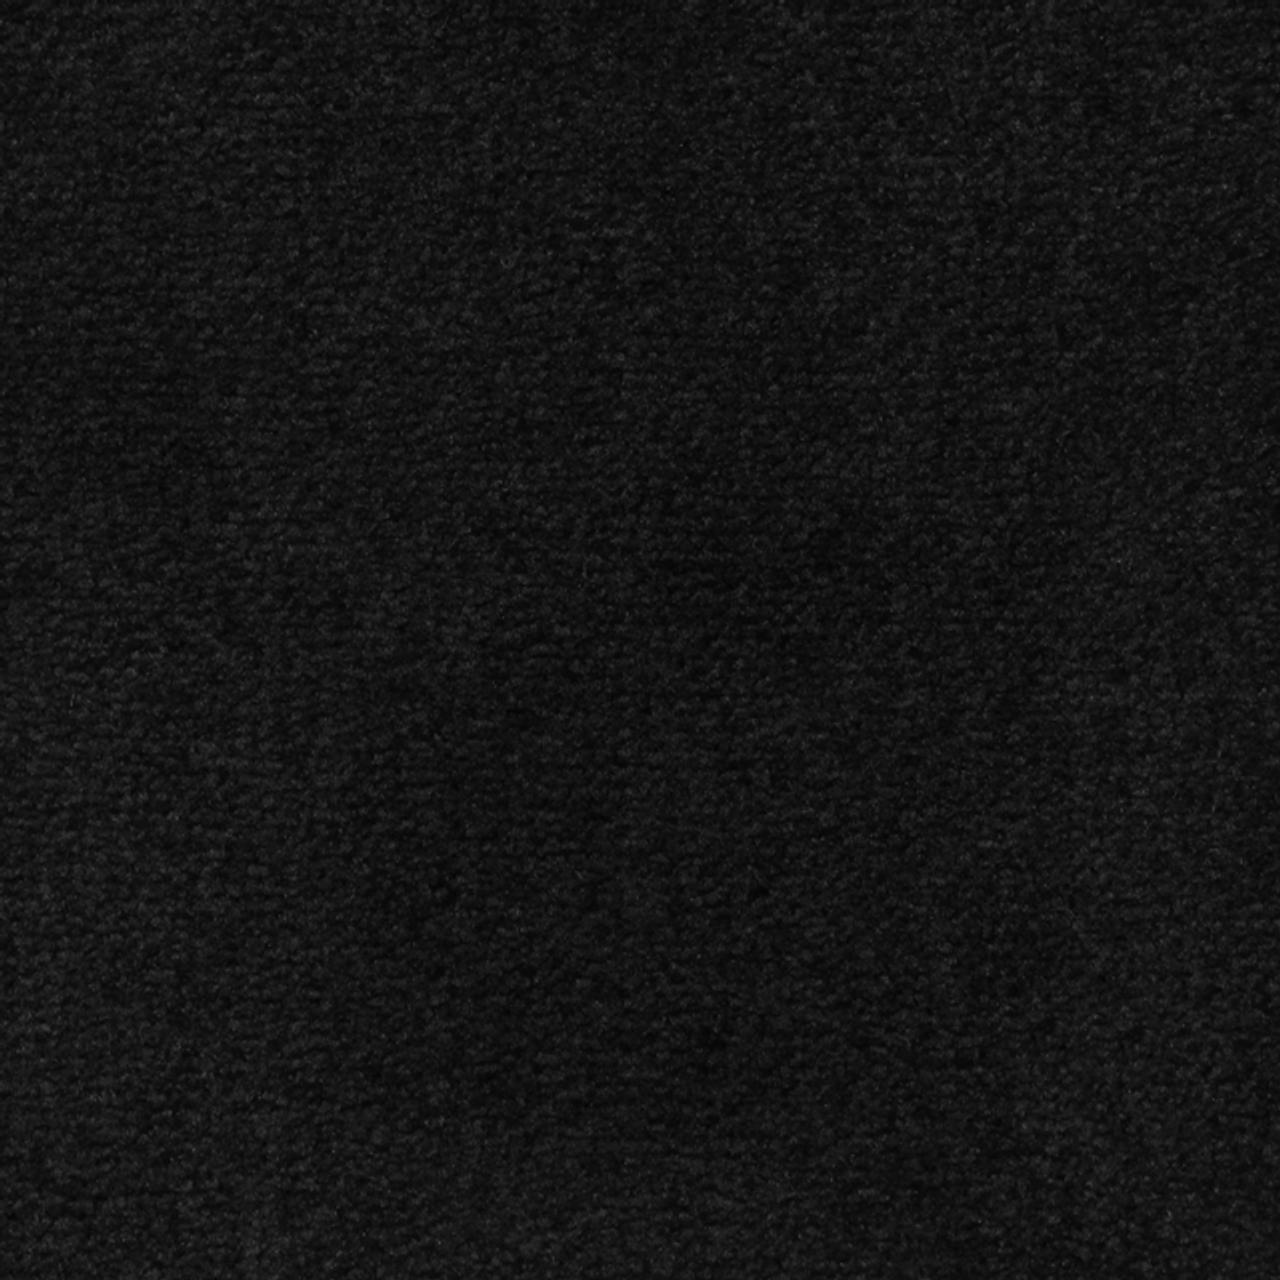 140 - Black